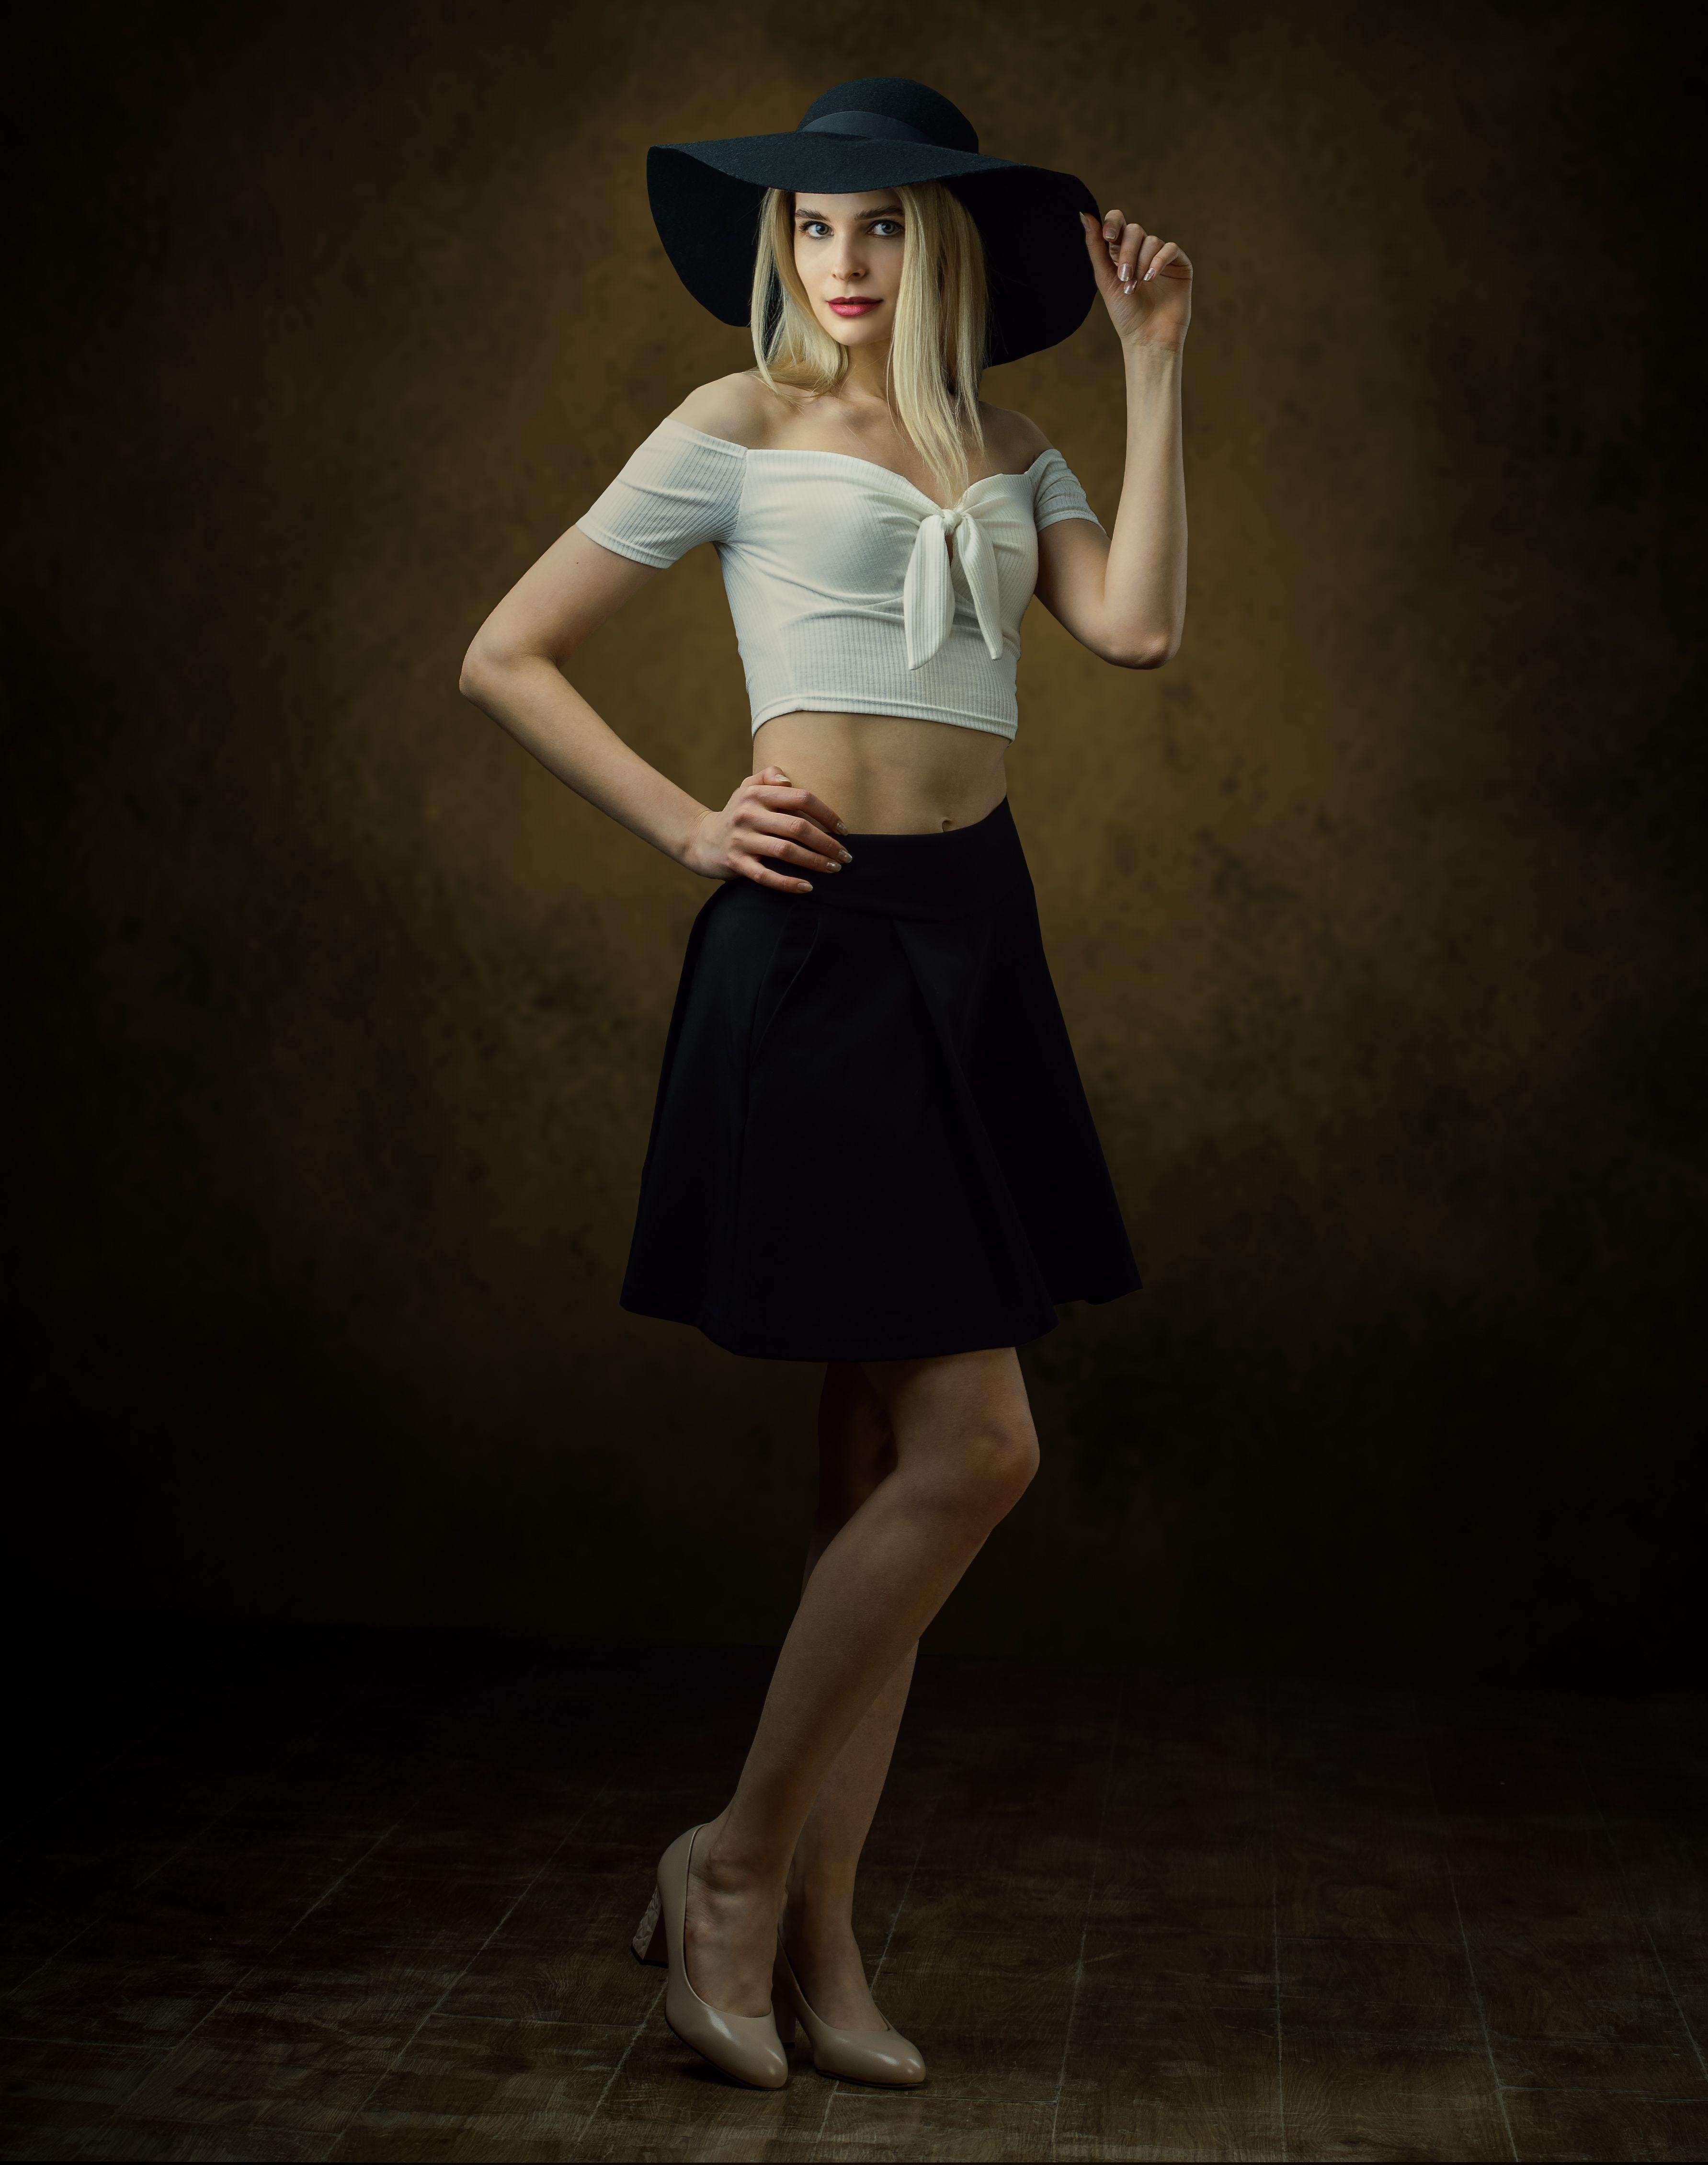 студийный портрет, красивая девушка, женский портрет, концептуальное, художественный портрет, арт, Бабаев Зураб